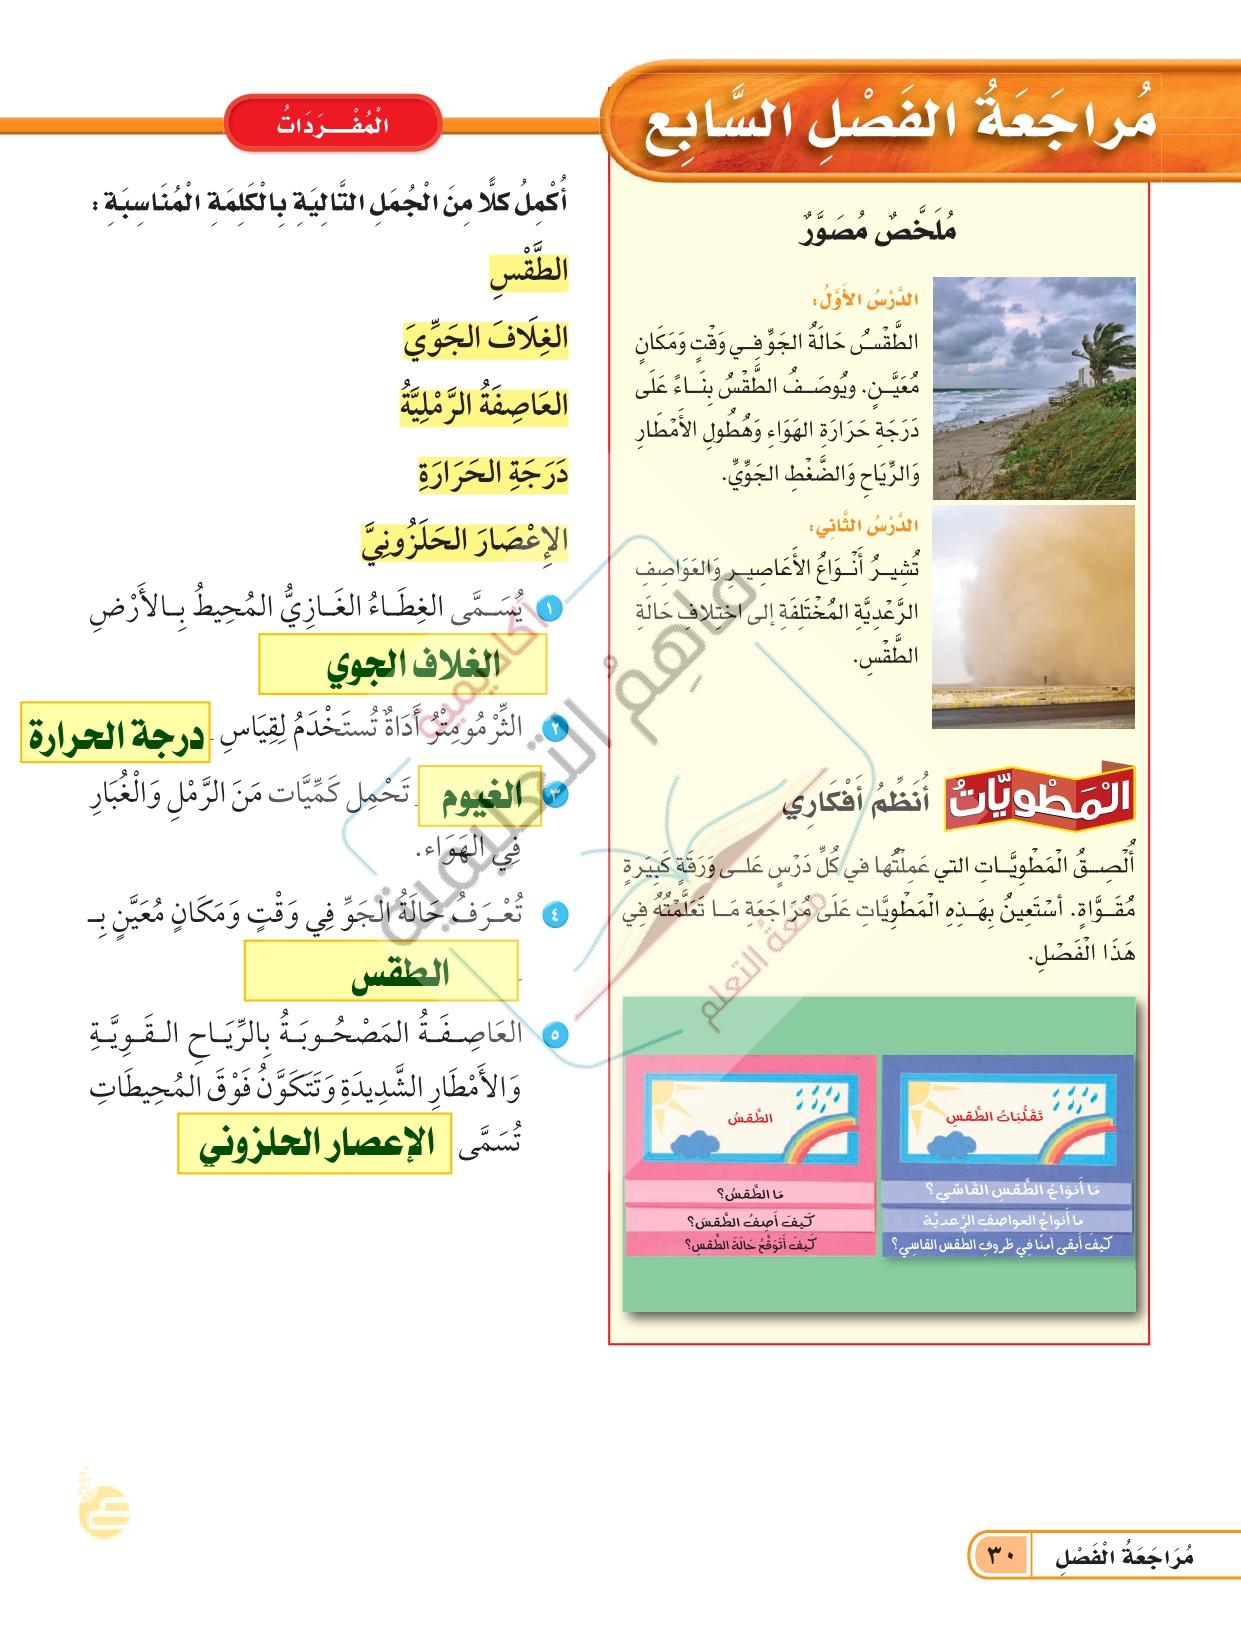 حل علوم ثالث ابتدائي الطقس وتقلباته صفحة 12 33